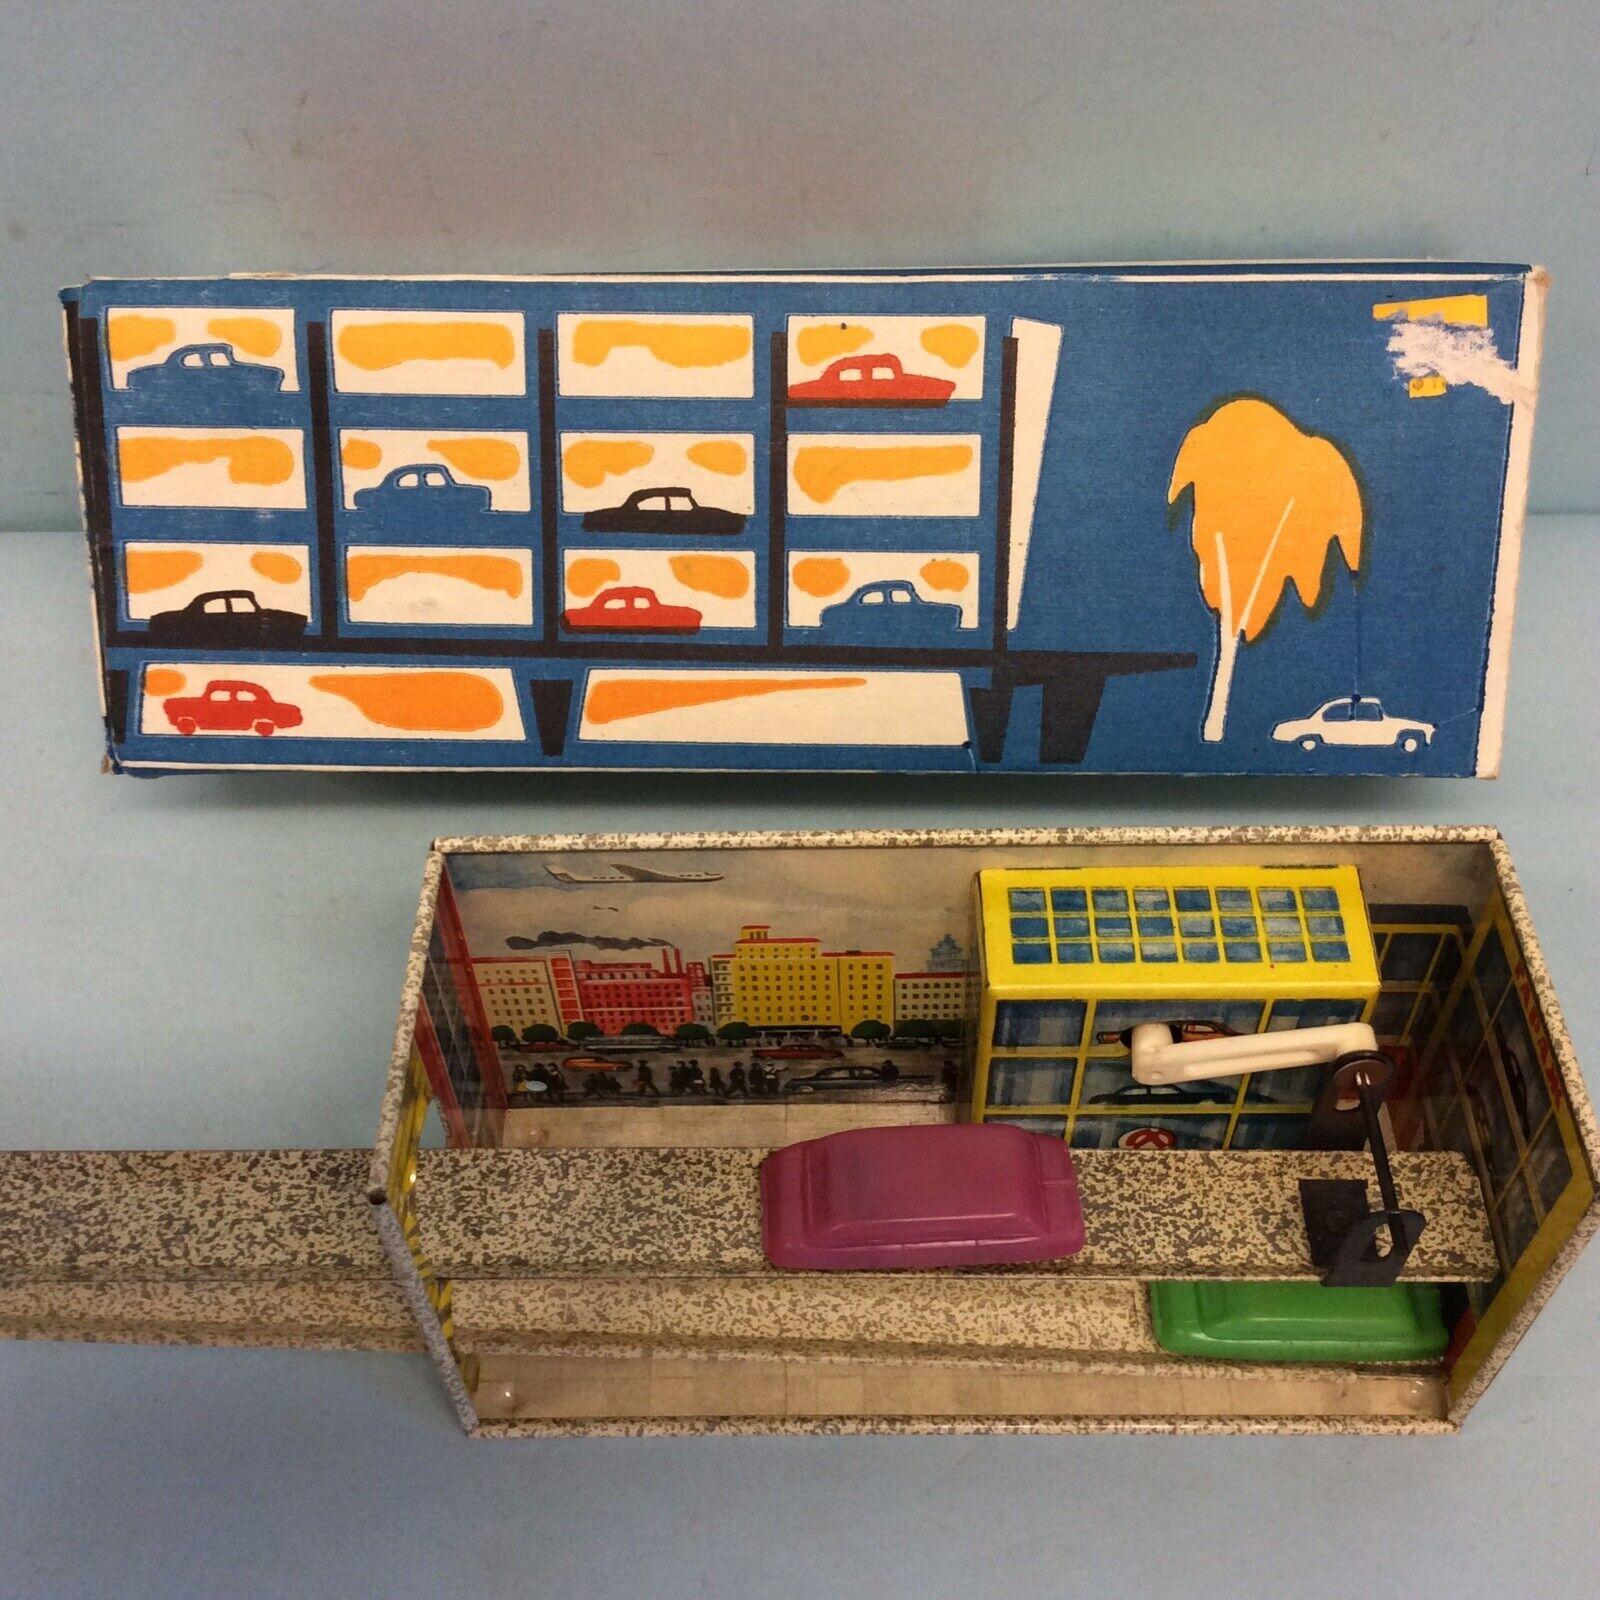 El viejo juguete juguete juguete ruso, el ascensor. 9b5